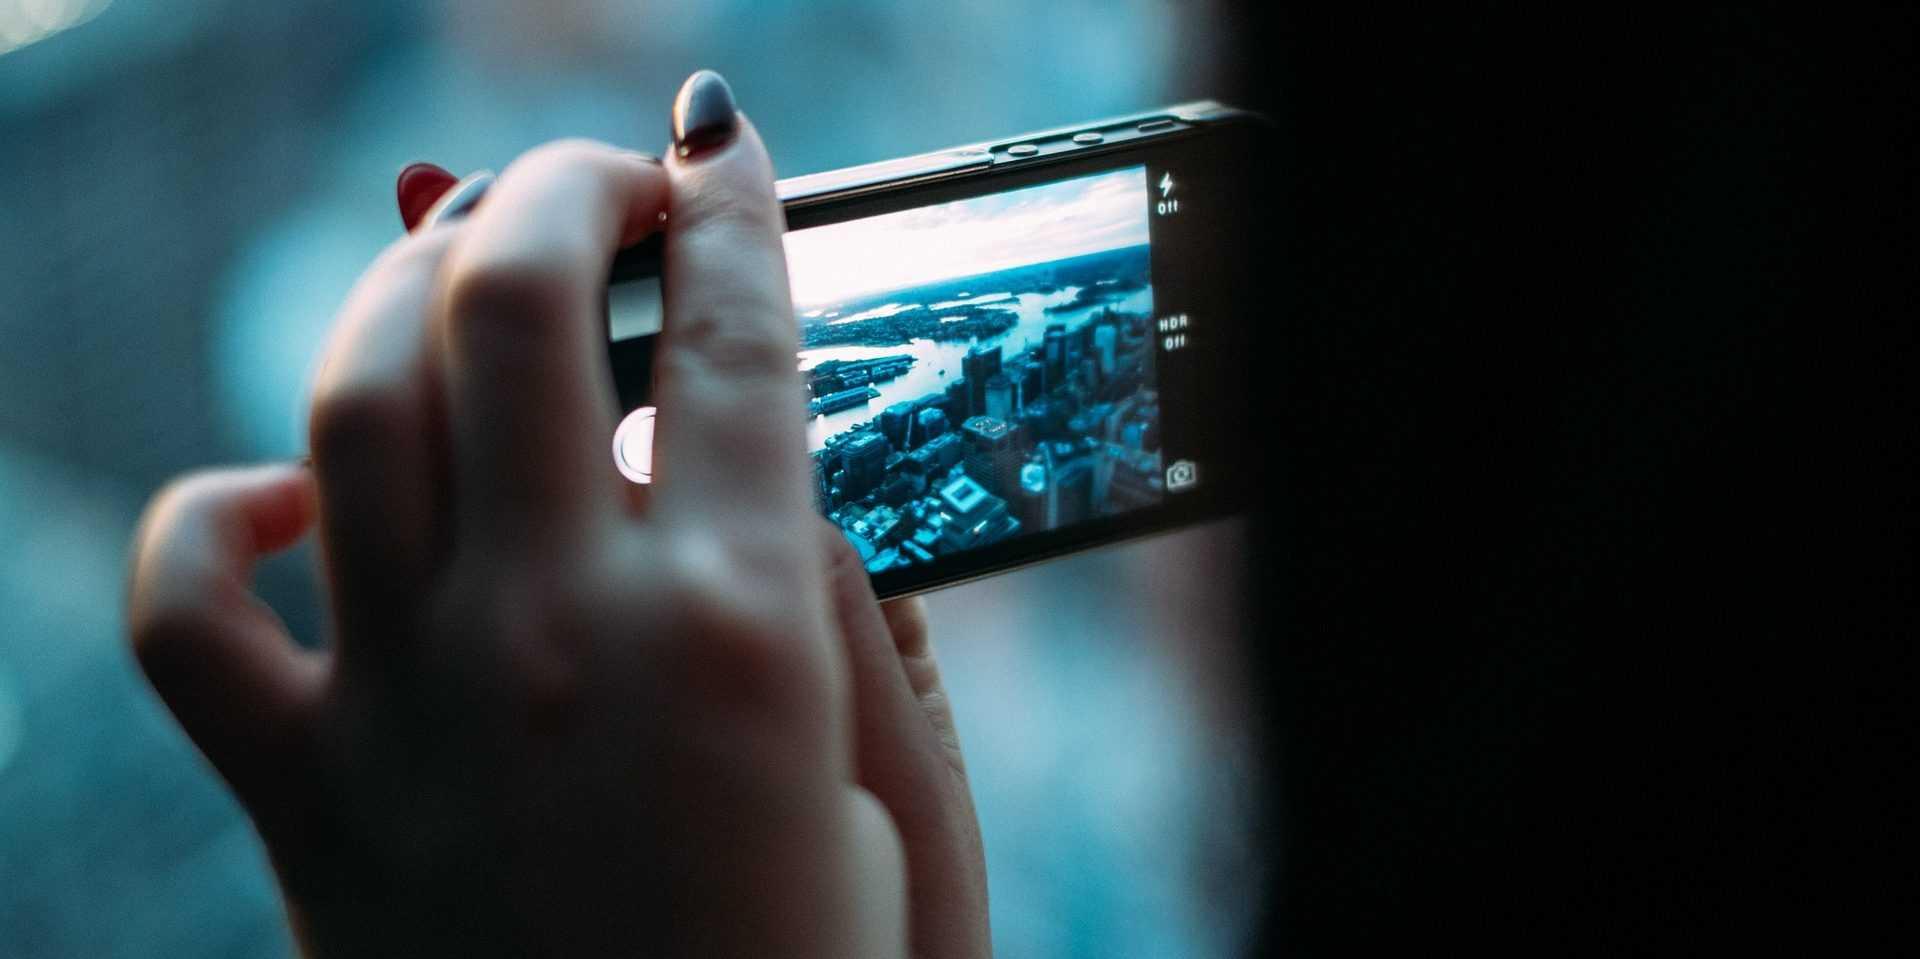 Protection des photographies par le droit d'auteur : l'originalité appréciée cliché par cliché